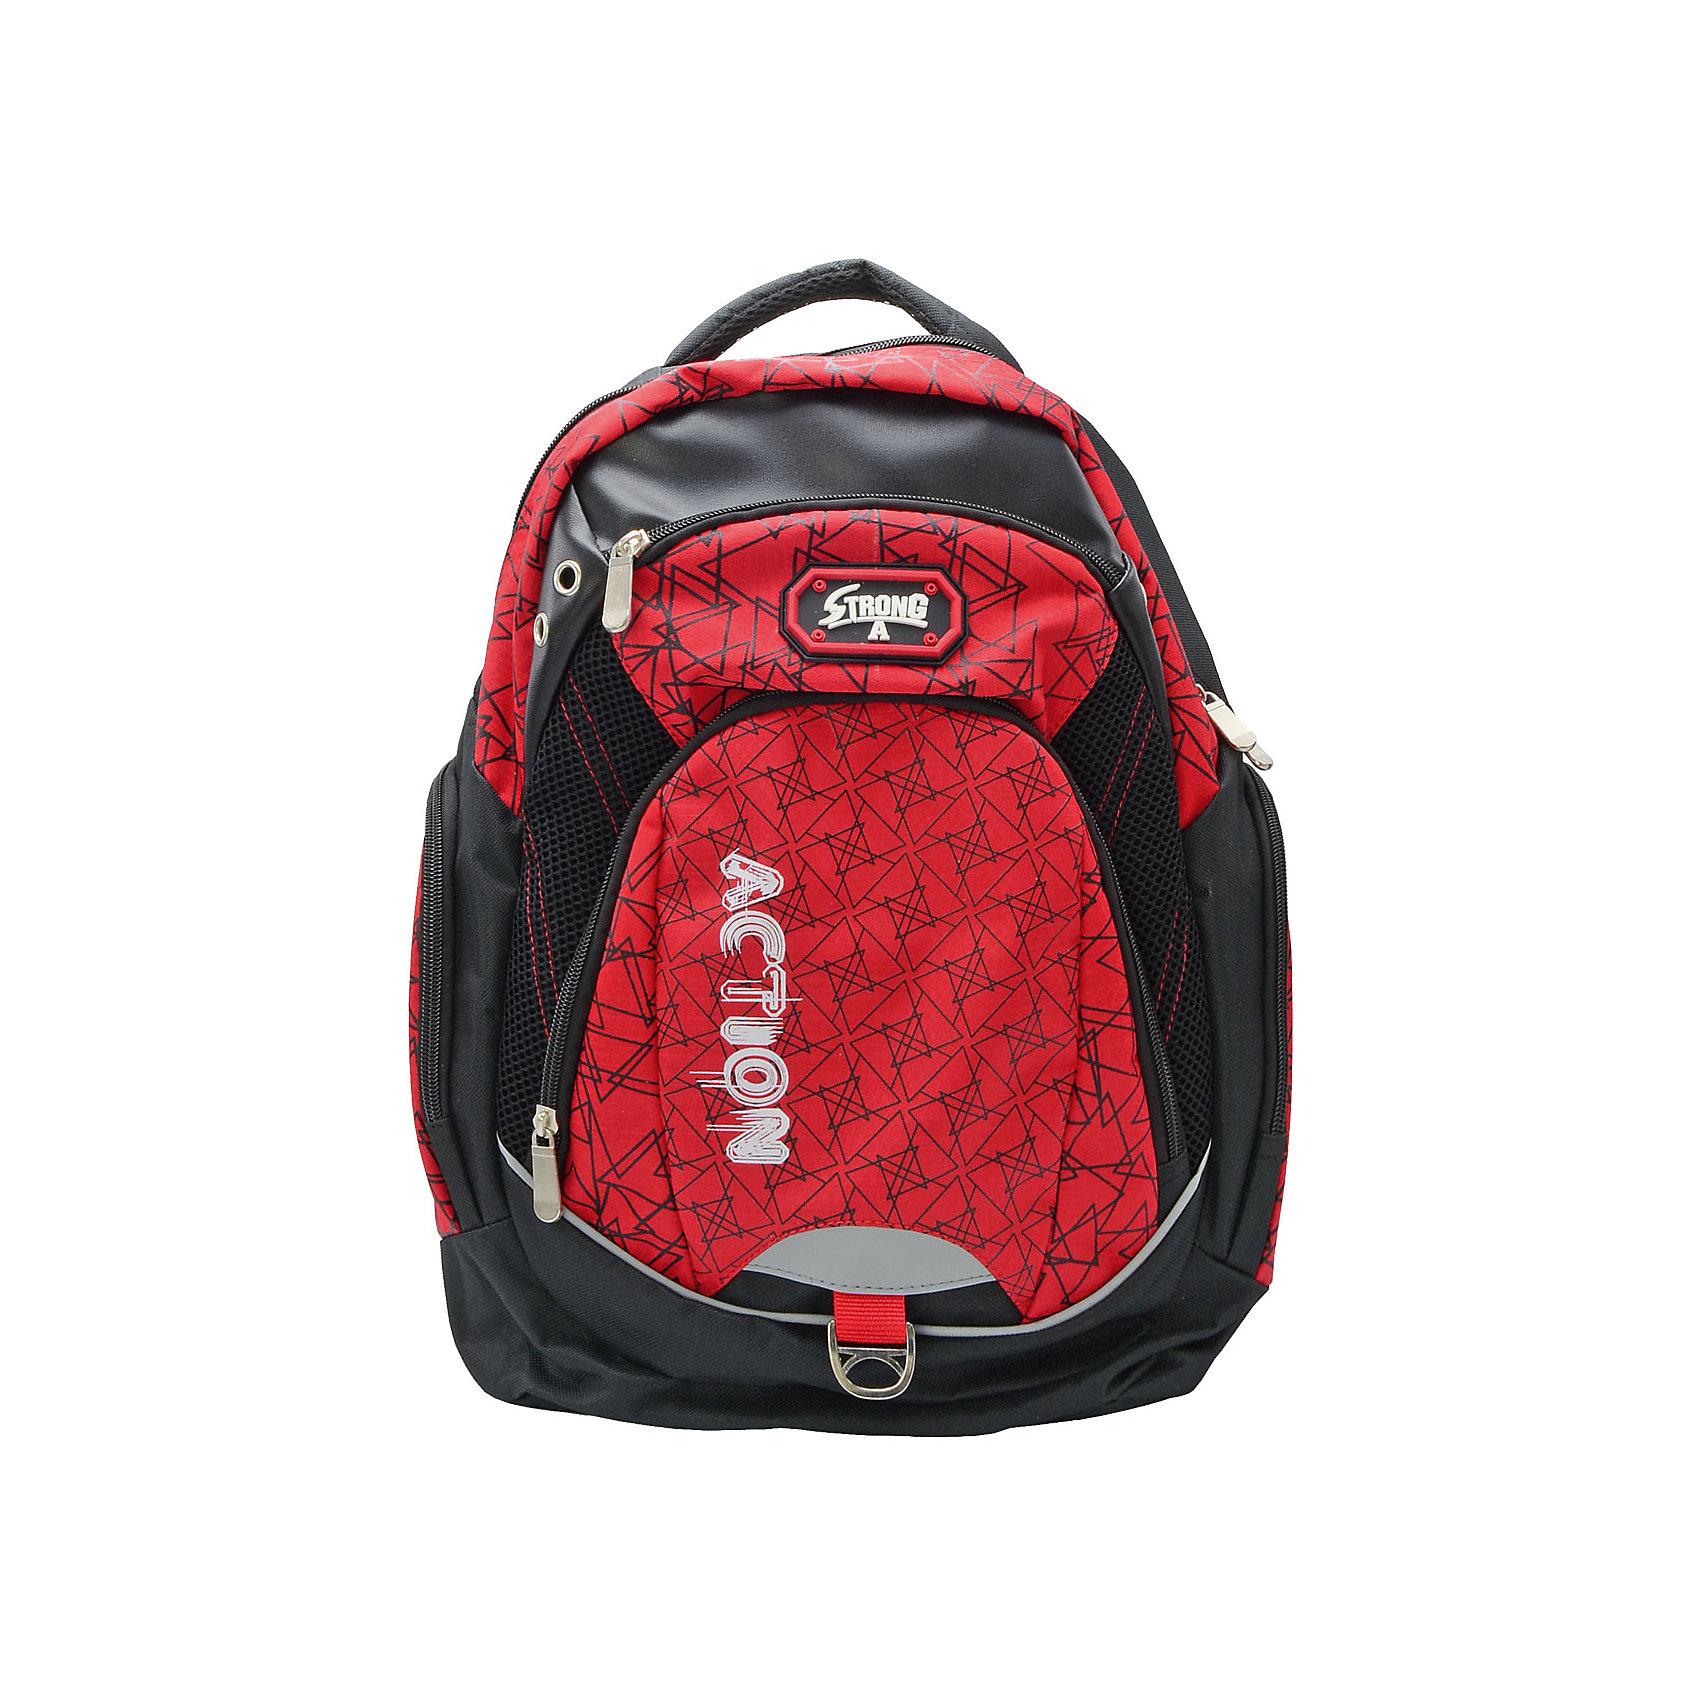 Рюкзак ACTION!Рюкзаки<br>Вес:600грамм<br>Размер: 43 x 30 x 15 см<br>Состав: рюкзак<br>Наличие светоотражающих элементов: да<br>Материал: полиэстер<br>Объем: 22л<br>Спина: мягкая<br>Наличие дополнительных карманов внутри: да<br>Дно выбрать: уплотненное<br>Количество отделений внутри: 1<br>Боковые карманы: есть <br>Замок: молния<br>Вмещает А4: да<br>Подойдет для возраста какого 10-13 лет для роста 146-1162<br>Рюкзак в современном молодежном стиле, с оригинальным принтом, с логотипом ACTION. <br>Одно основное отделение на молнии. Нa лицевой строне имются 2 кармана различного диаметра. По бокам-карманы на молнии. Мягкая спинка. Нa Задних регулируемых снизу лямках и на лицевой стороне имеются светооттражающие полоски безопасности. Верхняя плотная тканевая ручка.<br><br>Ширина мм: 300<br>Глубина мм: 150<br>Высота мм: 430<br>Вес г: 600<br>Возраст от месяцев: 72<br>Возраст до месяцев: 156<br>Пол: Мужской<br>Возраст: Детский<br>SKU: 6850023